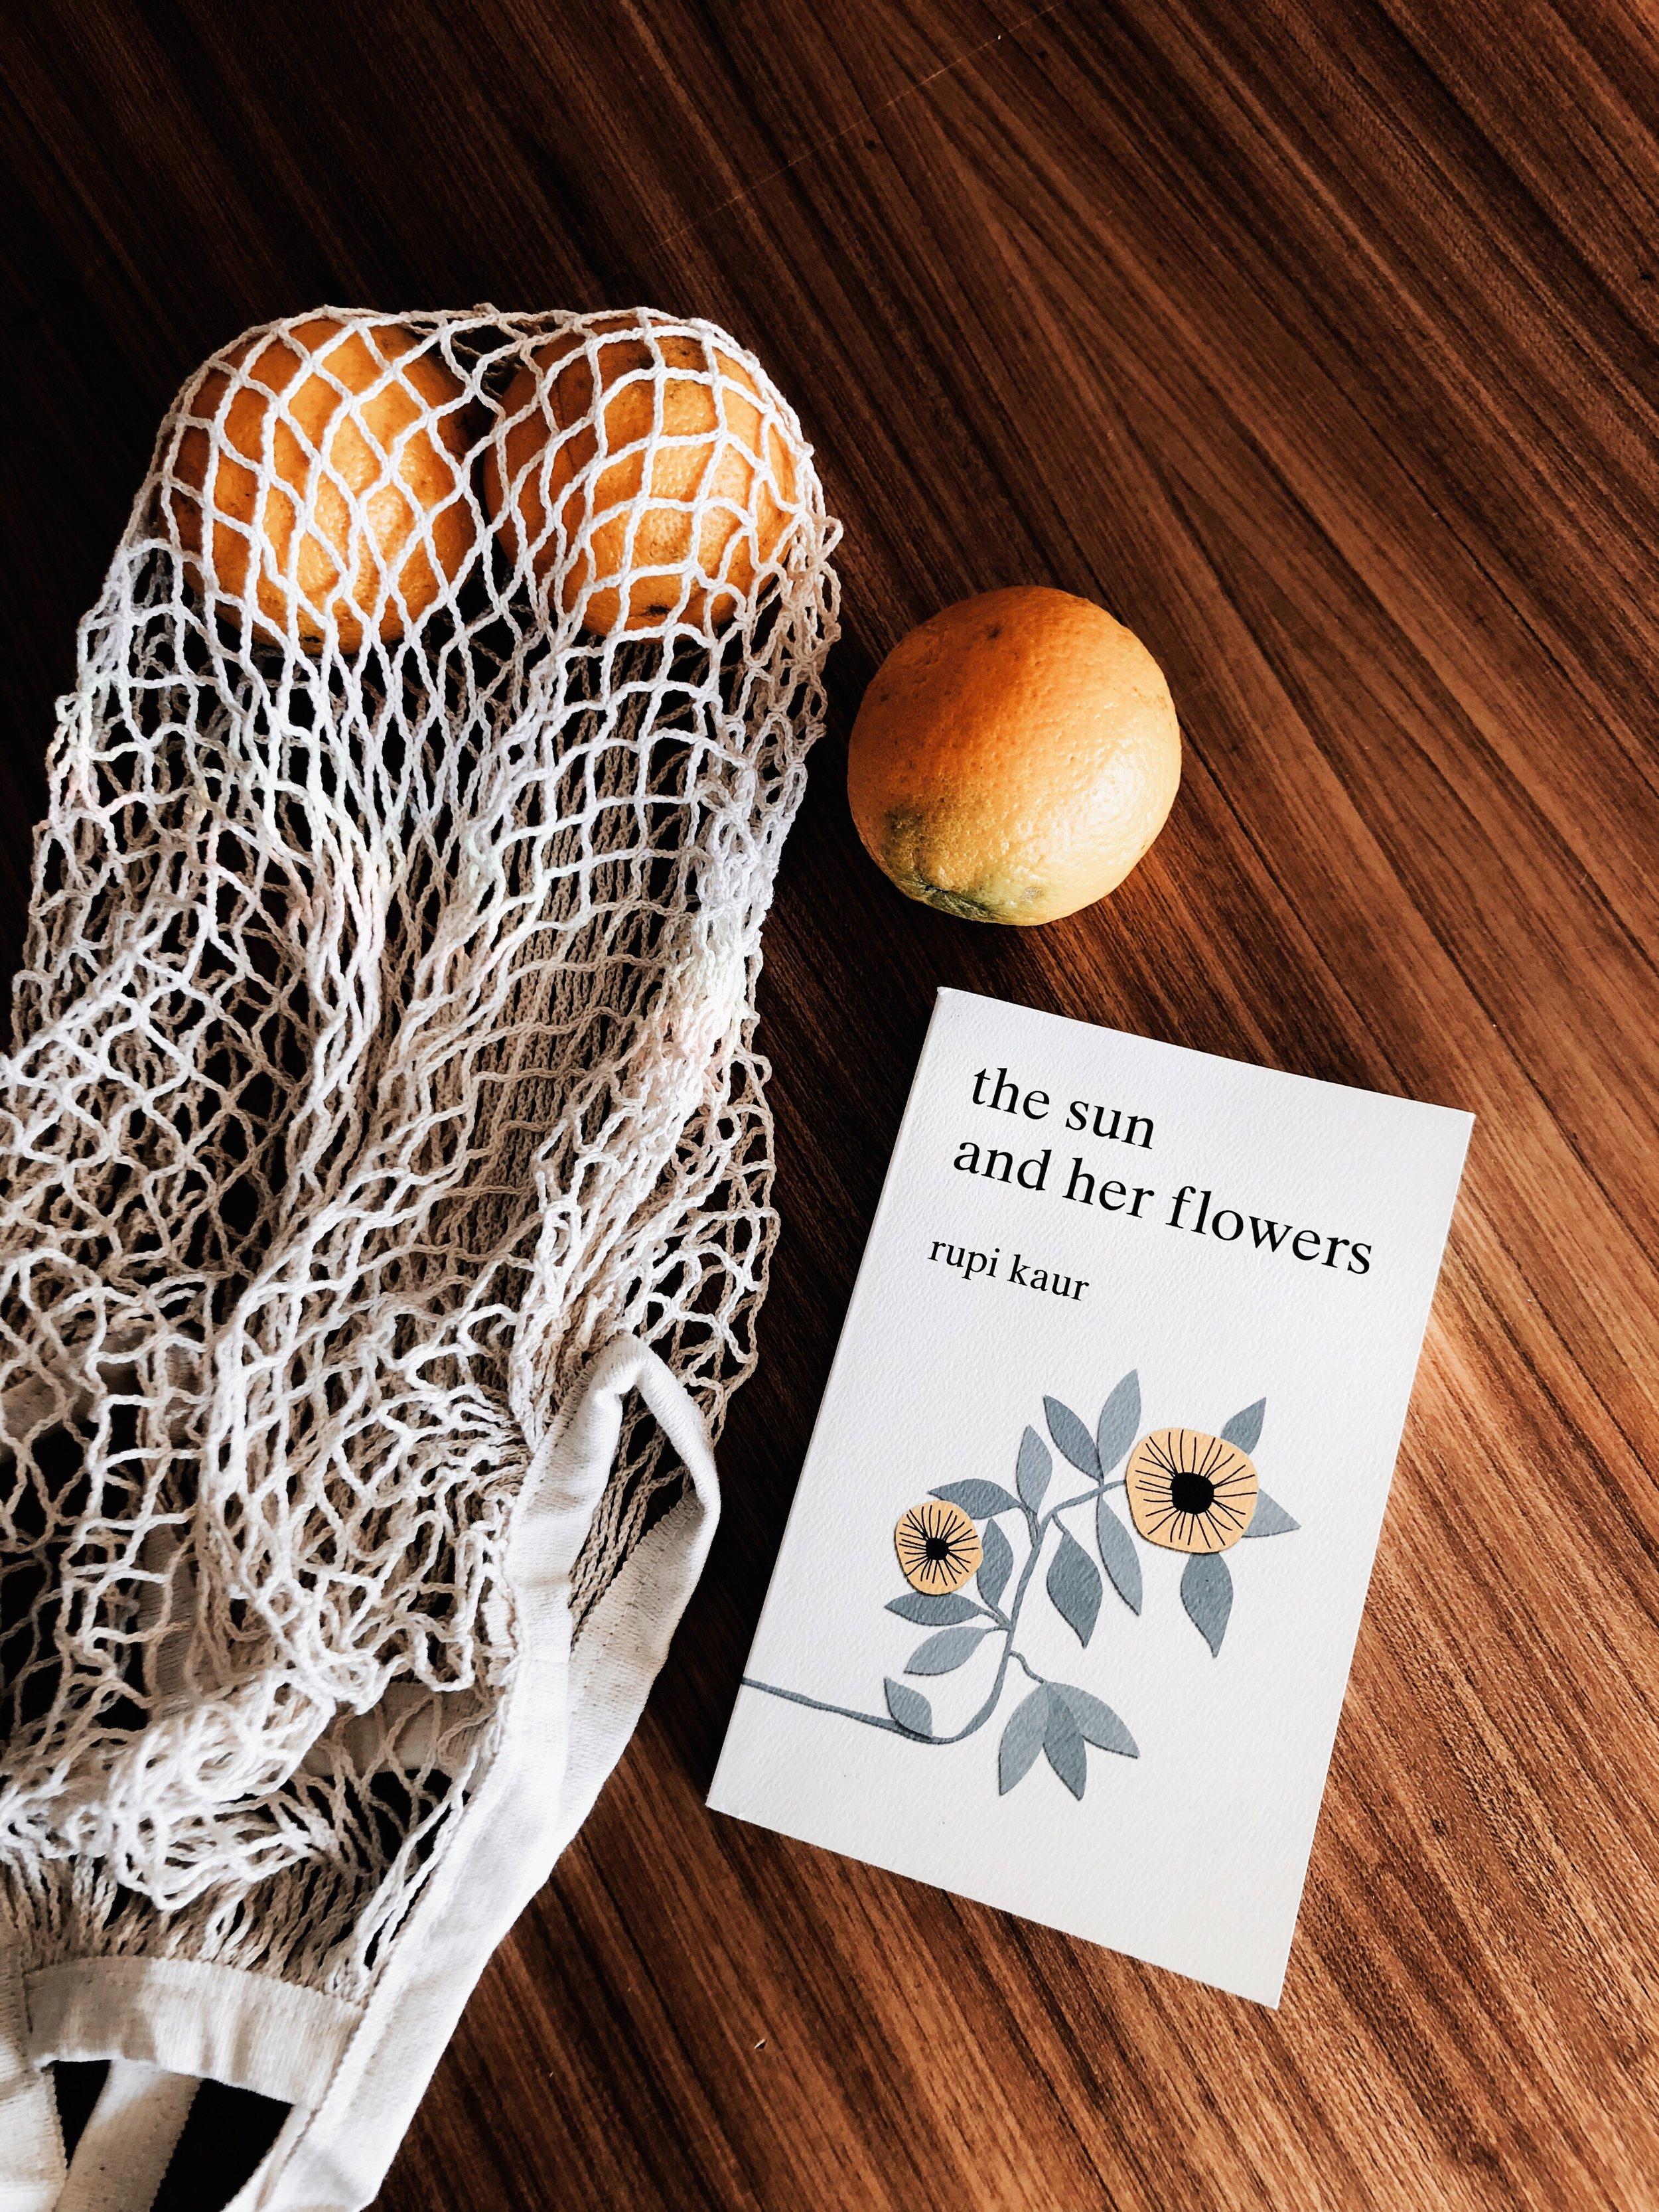 sacolinha supermercado rede pesca - O que a sua sacolinha do supermercado diz sobre você?